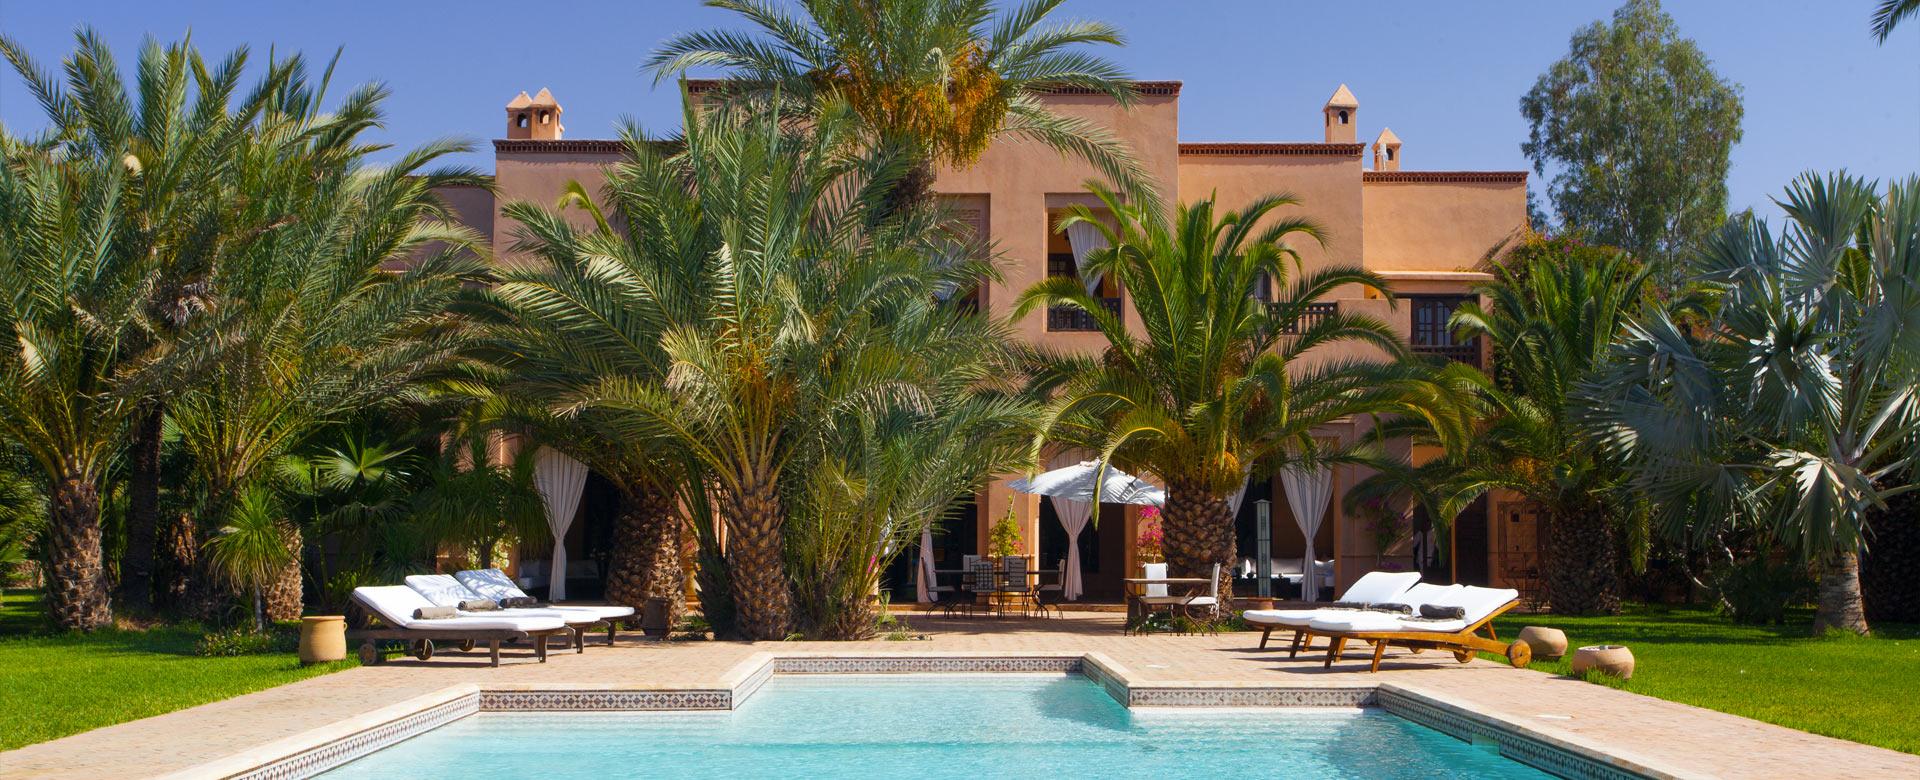 Location de villa et de riad de luxe au Maroc   Villanovo